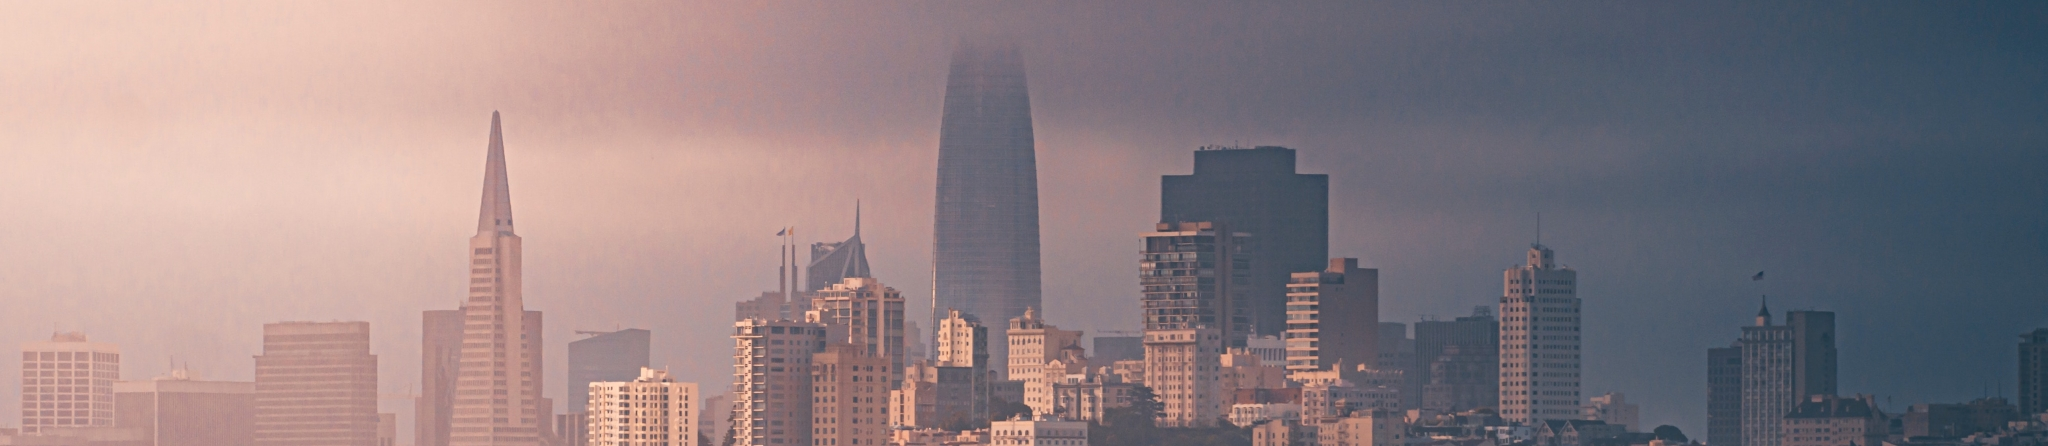 A cloudy city skyline at dusk